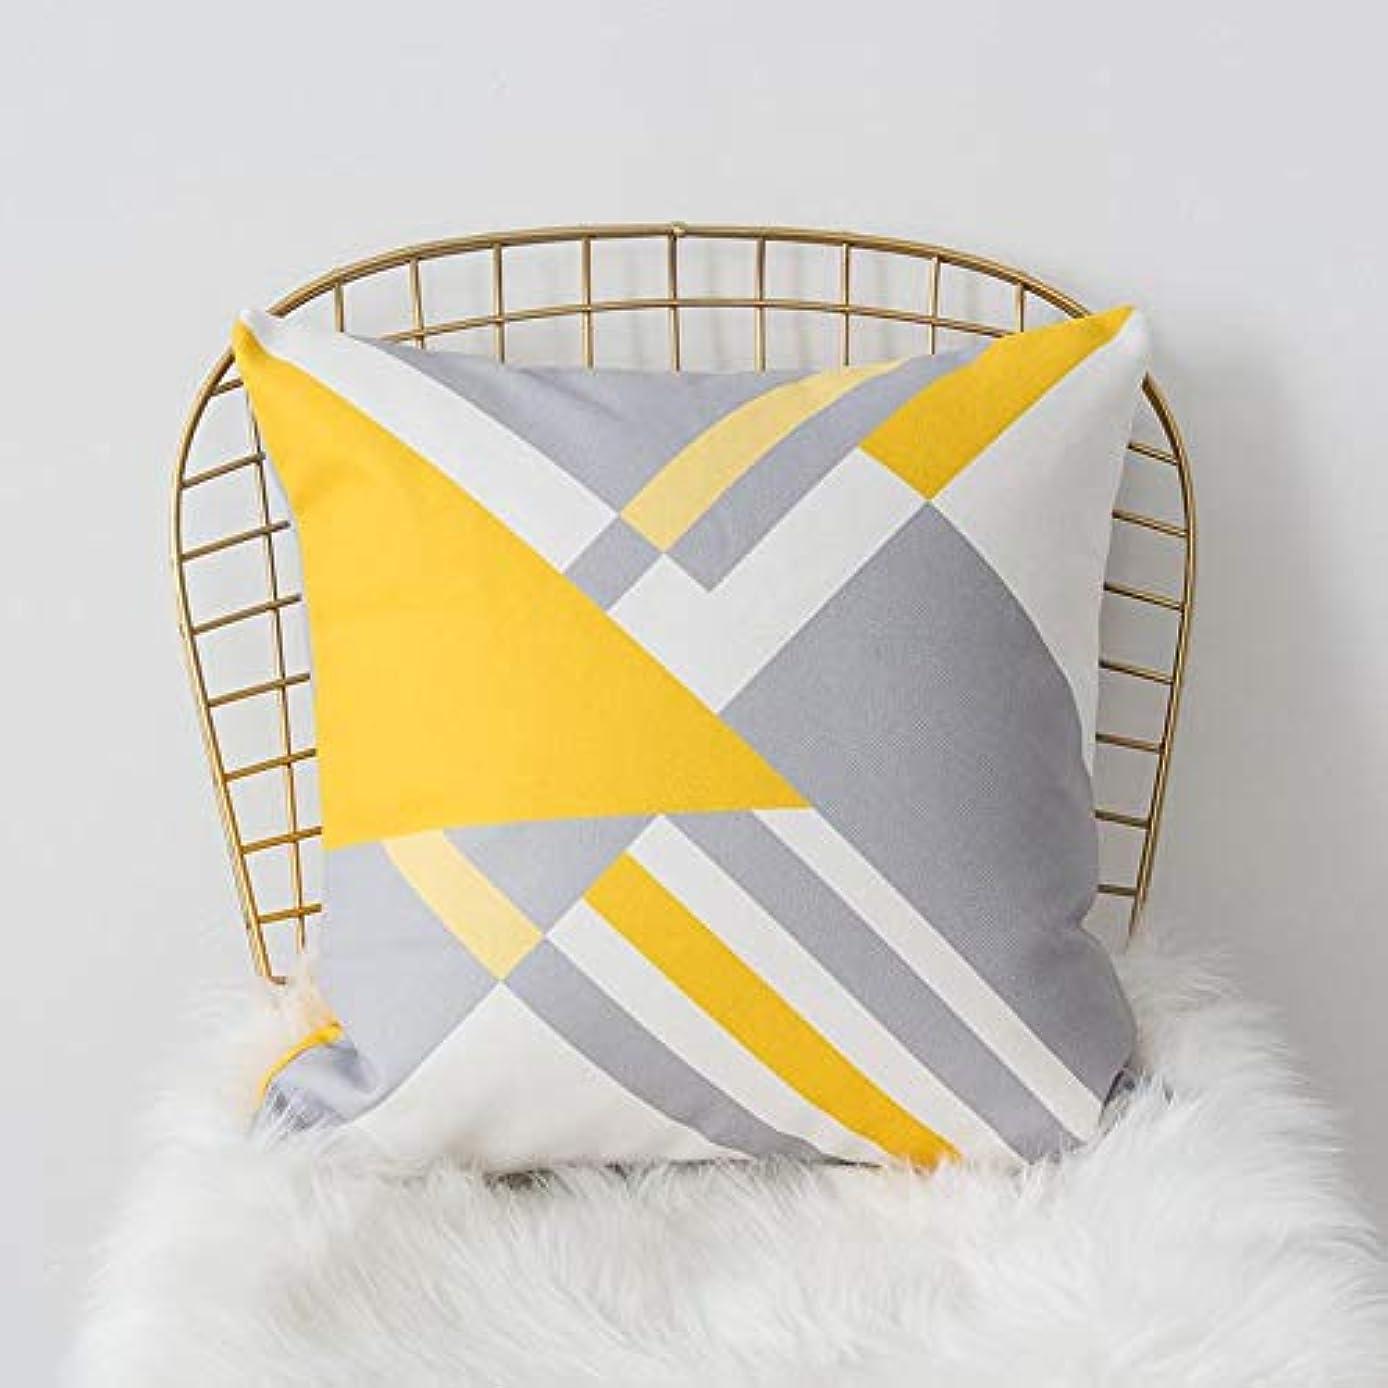 理論前任者試験LIFE 黄色グレー枕北欧スタイル黄色ヘラジカ幾何枕リビングルームのインテリアソファクッション Cojines 装飾良質 クッション 椅子